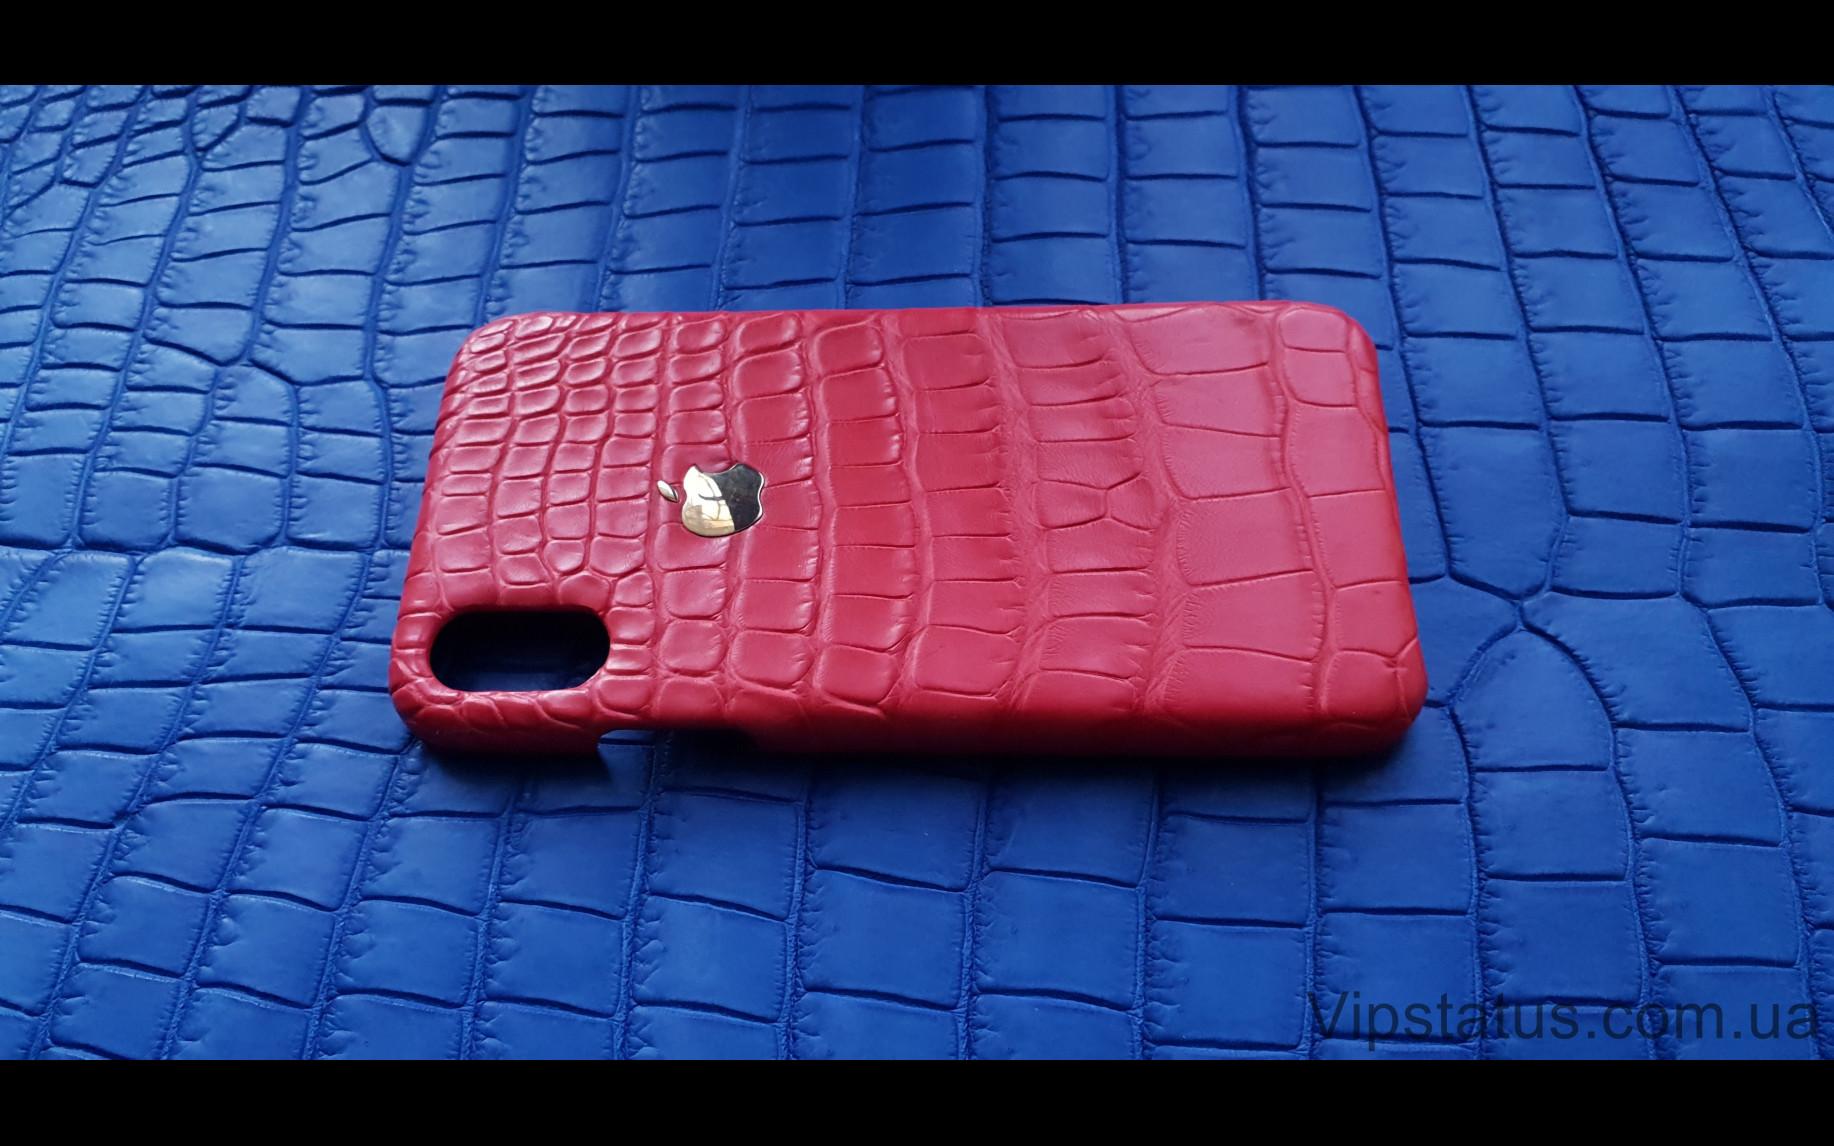 Elite Gold Apple Люксовый чехол IPhone X XS кожа крокодила Gold Apple Luxury case IPhone X XS Crocodile leather image 3